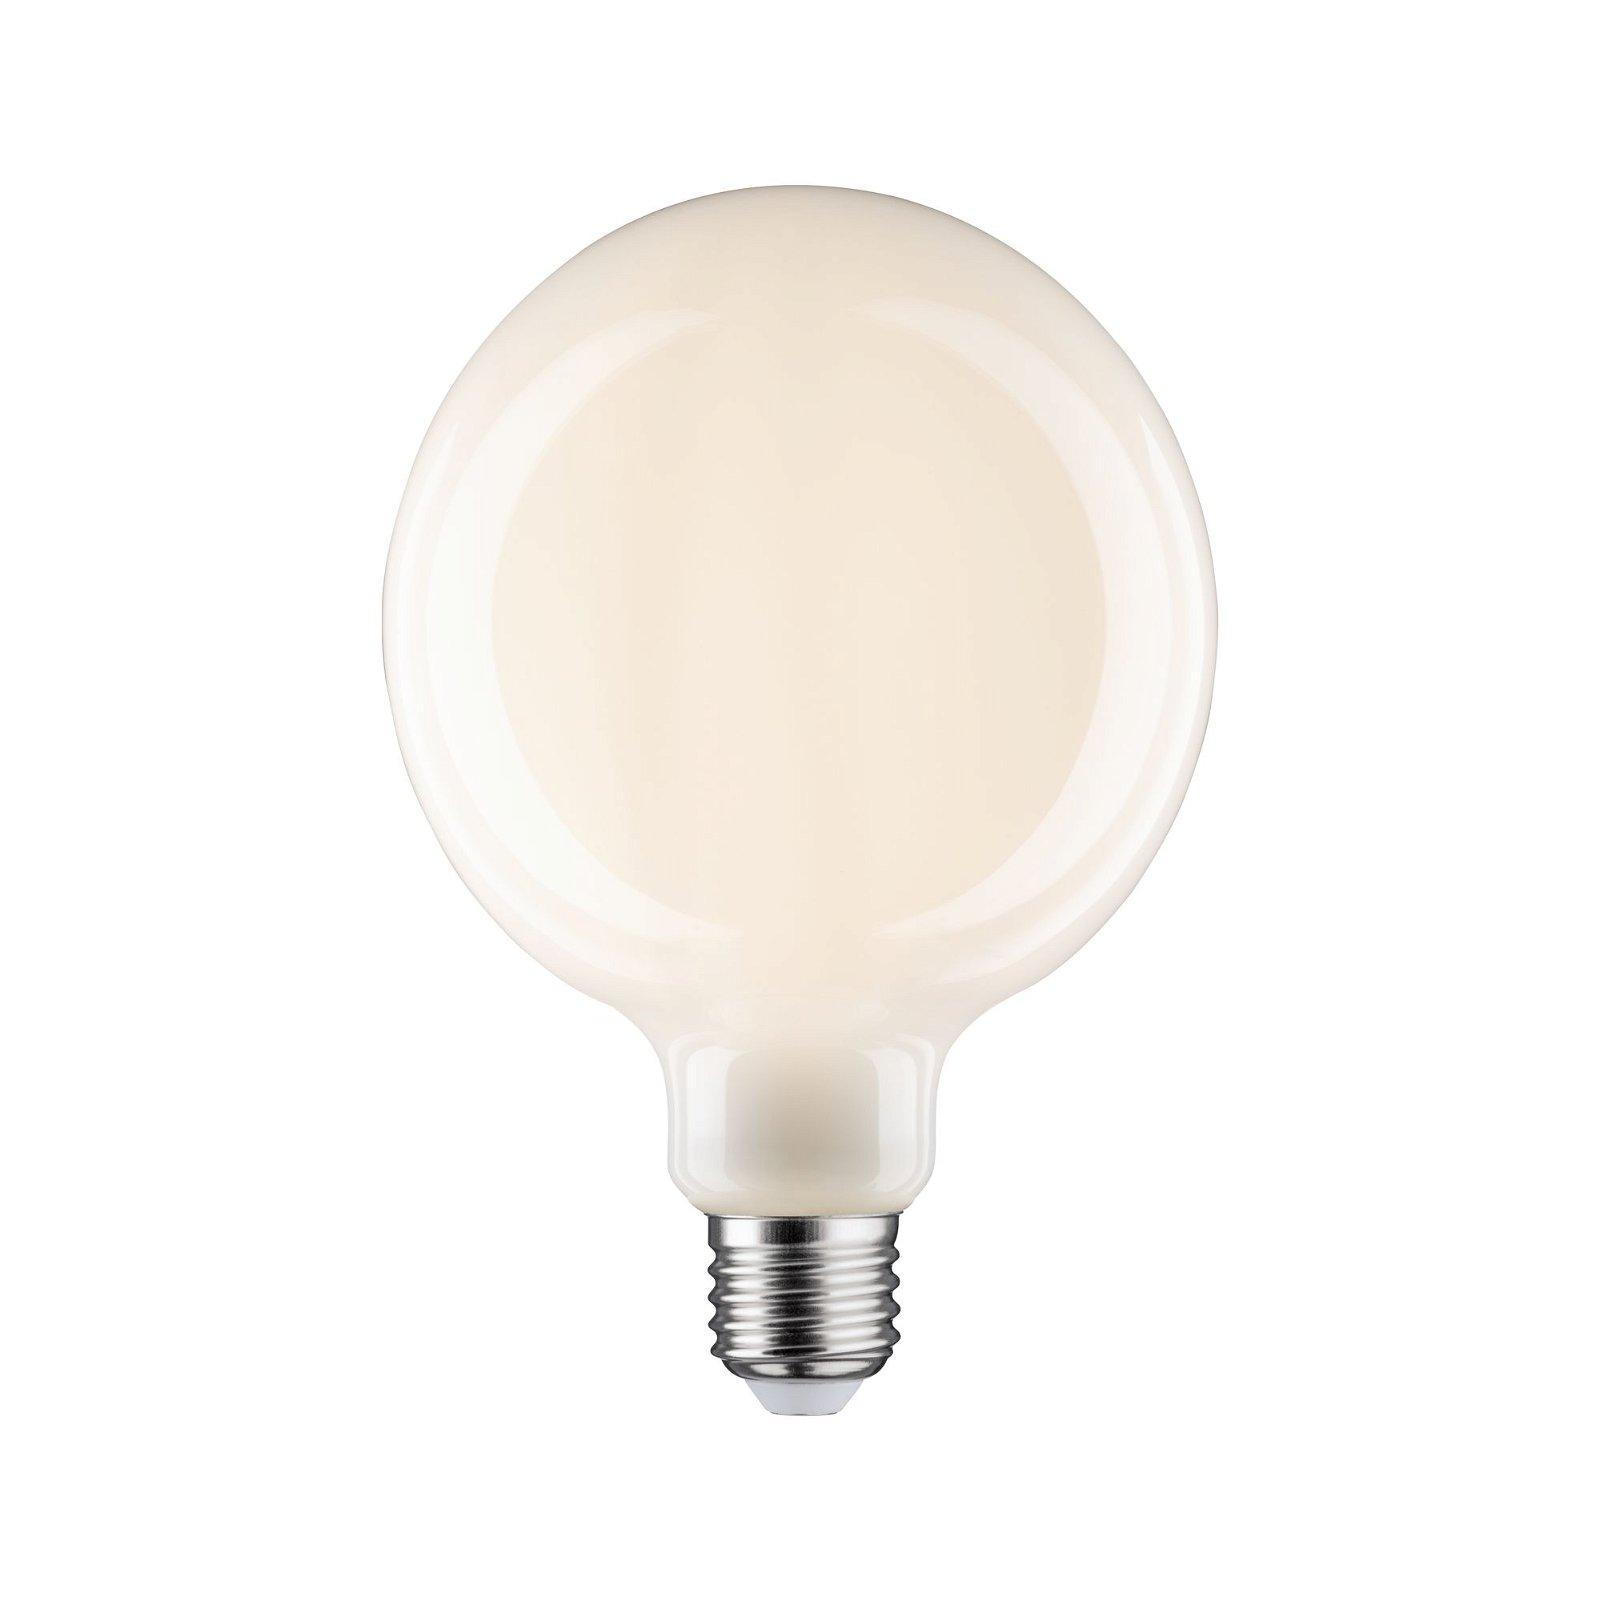 LED Globe Filament E27 230V 806lm 7W 2700K Opal